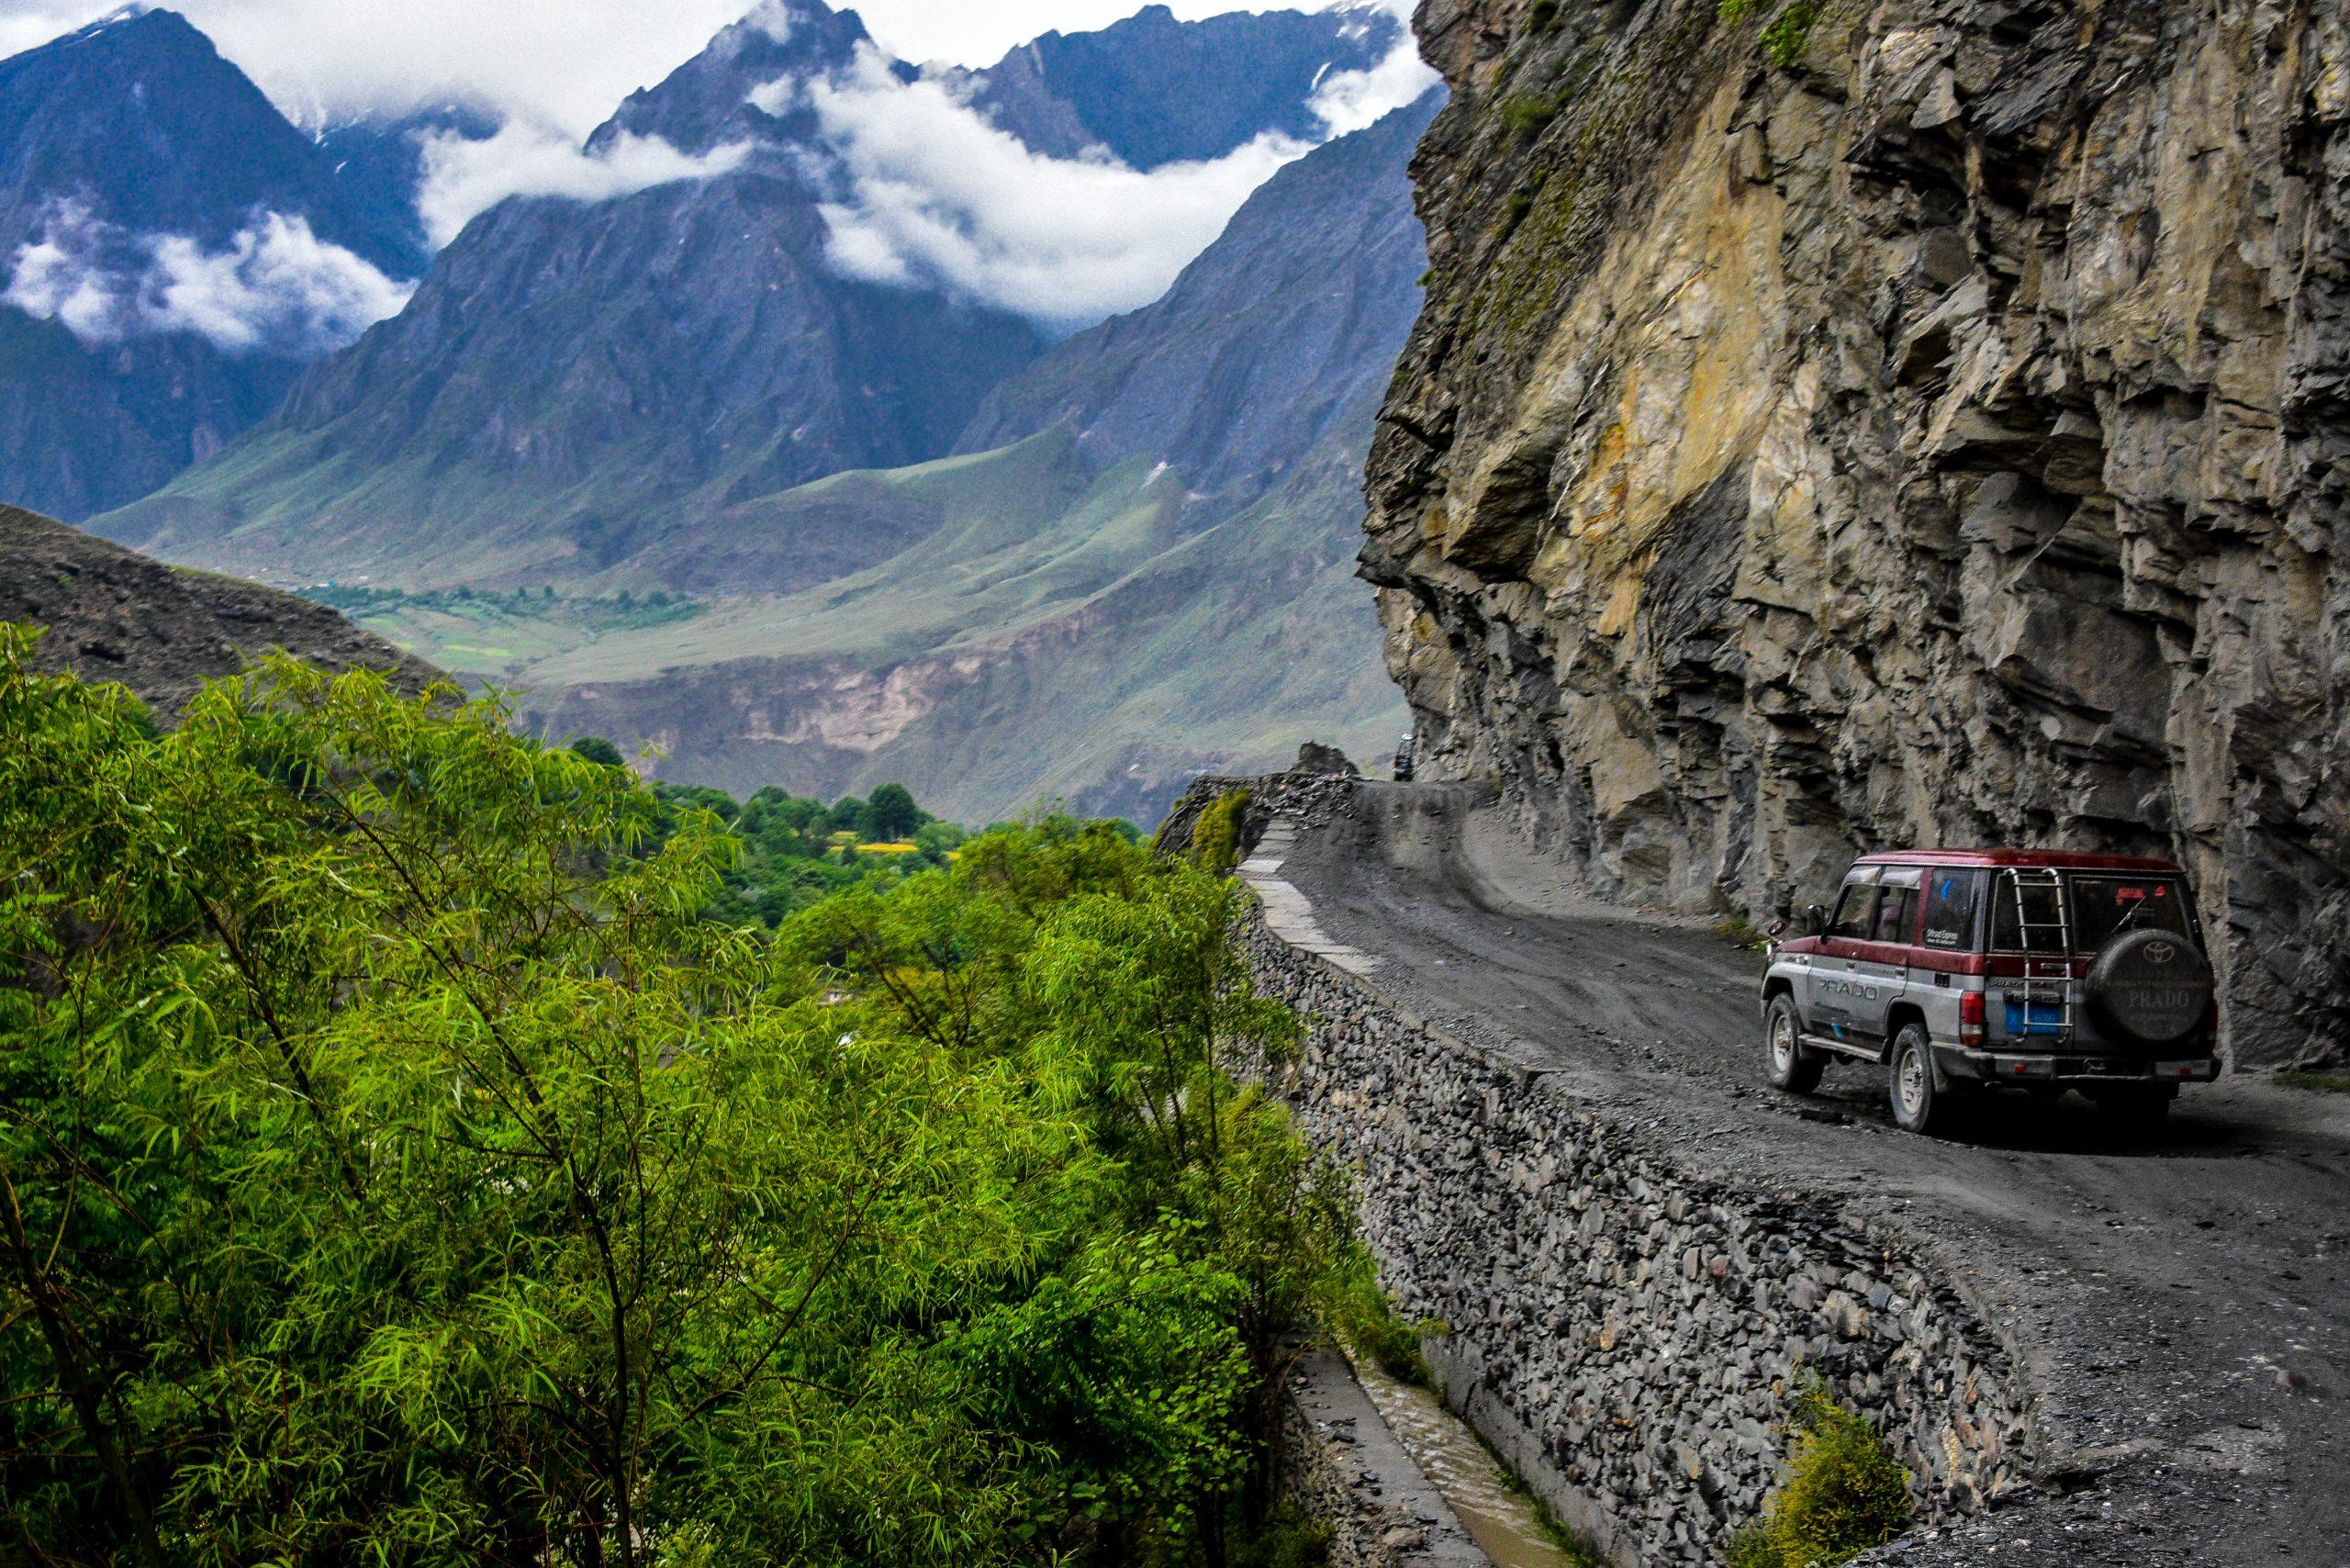 Obyek wisata menarik di Pakistan